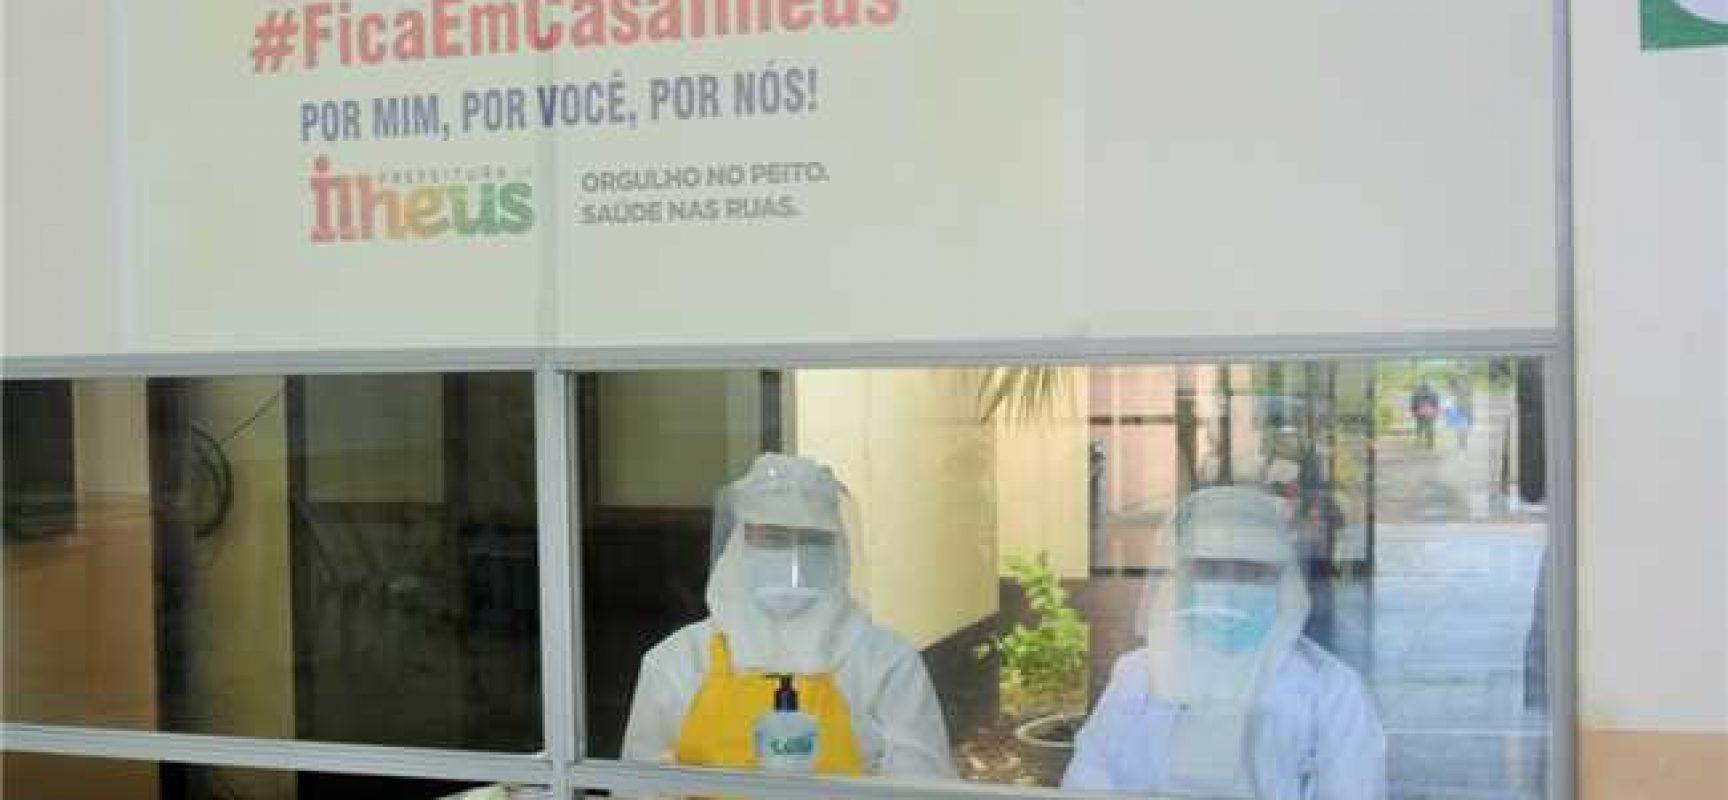 Pacientes com coronavírus ou síndrome gripal devem se dirigir ao Centro Covid-19, informa Prefeitura